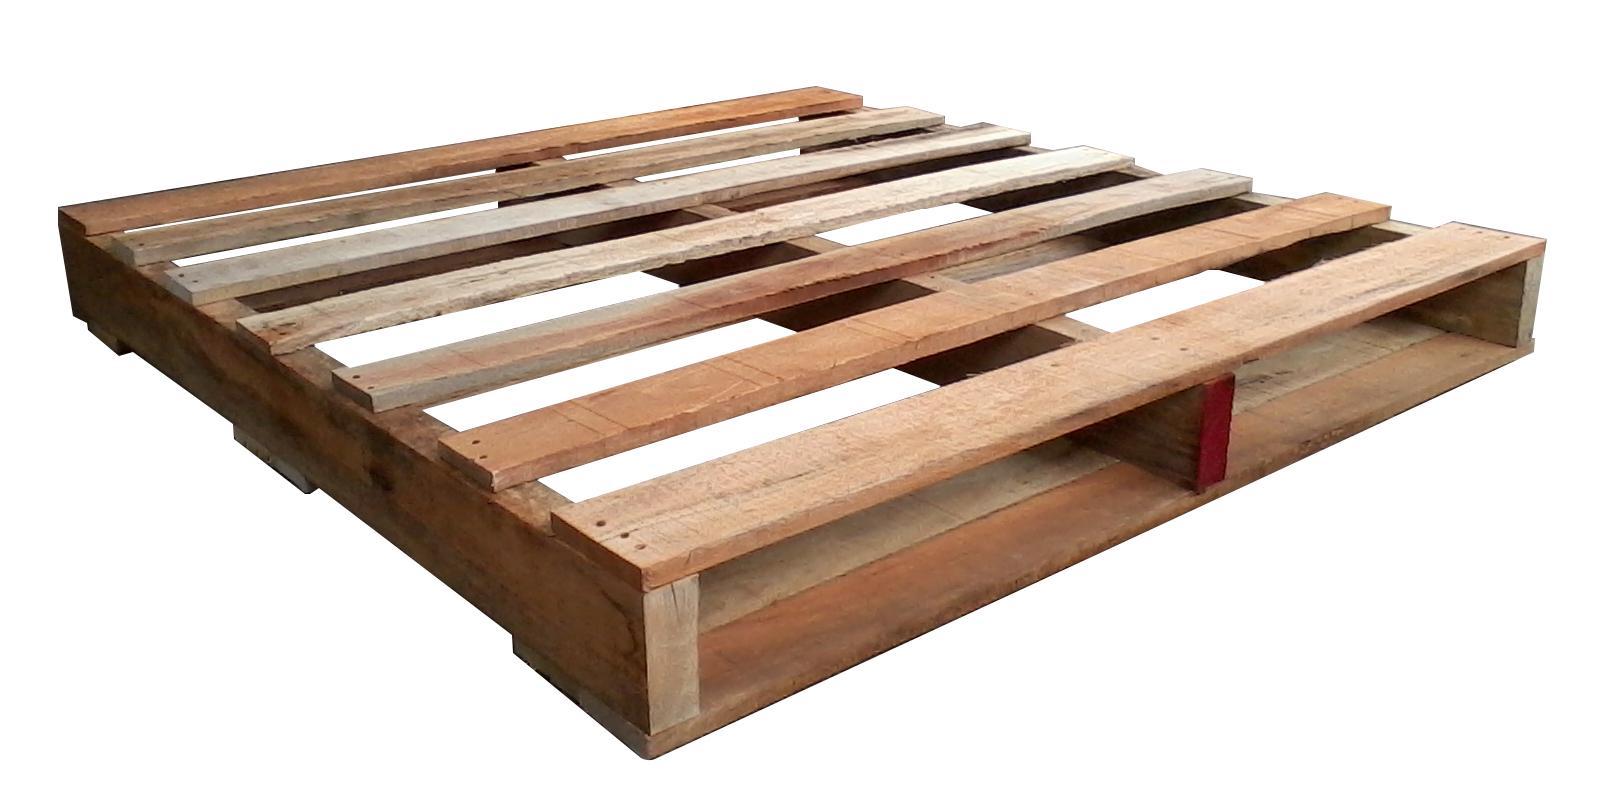 Wood Pallets | MR BOX INC